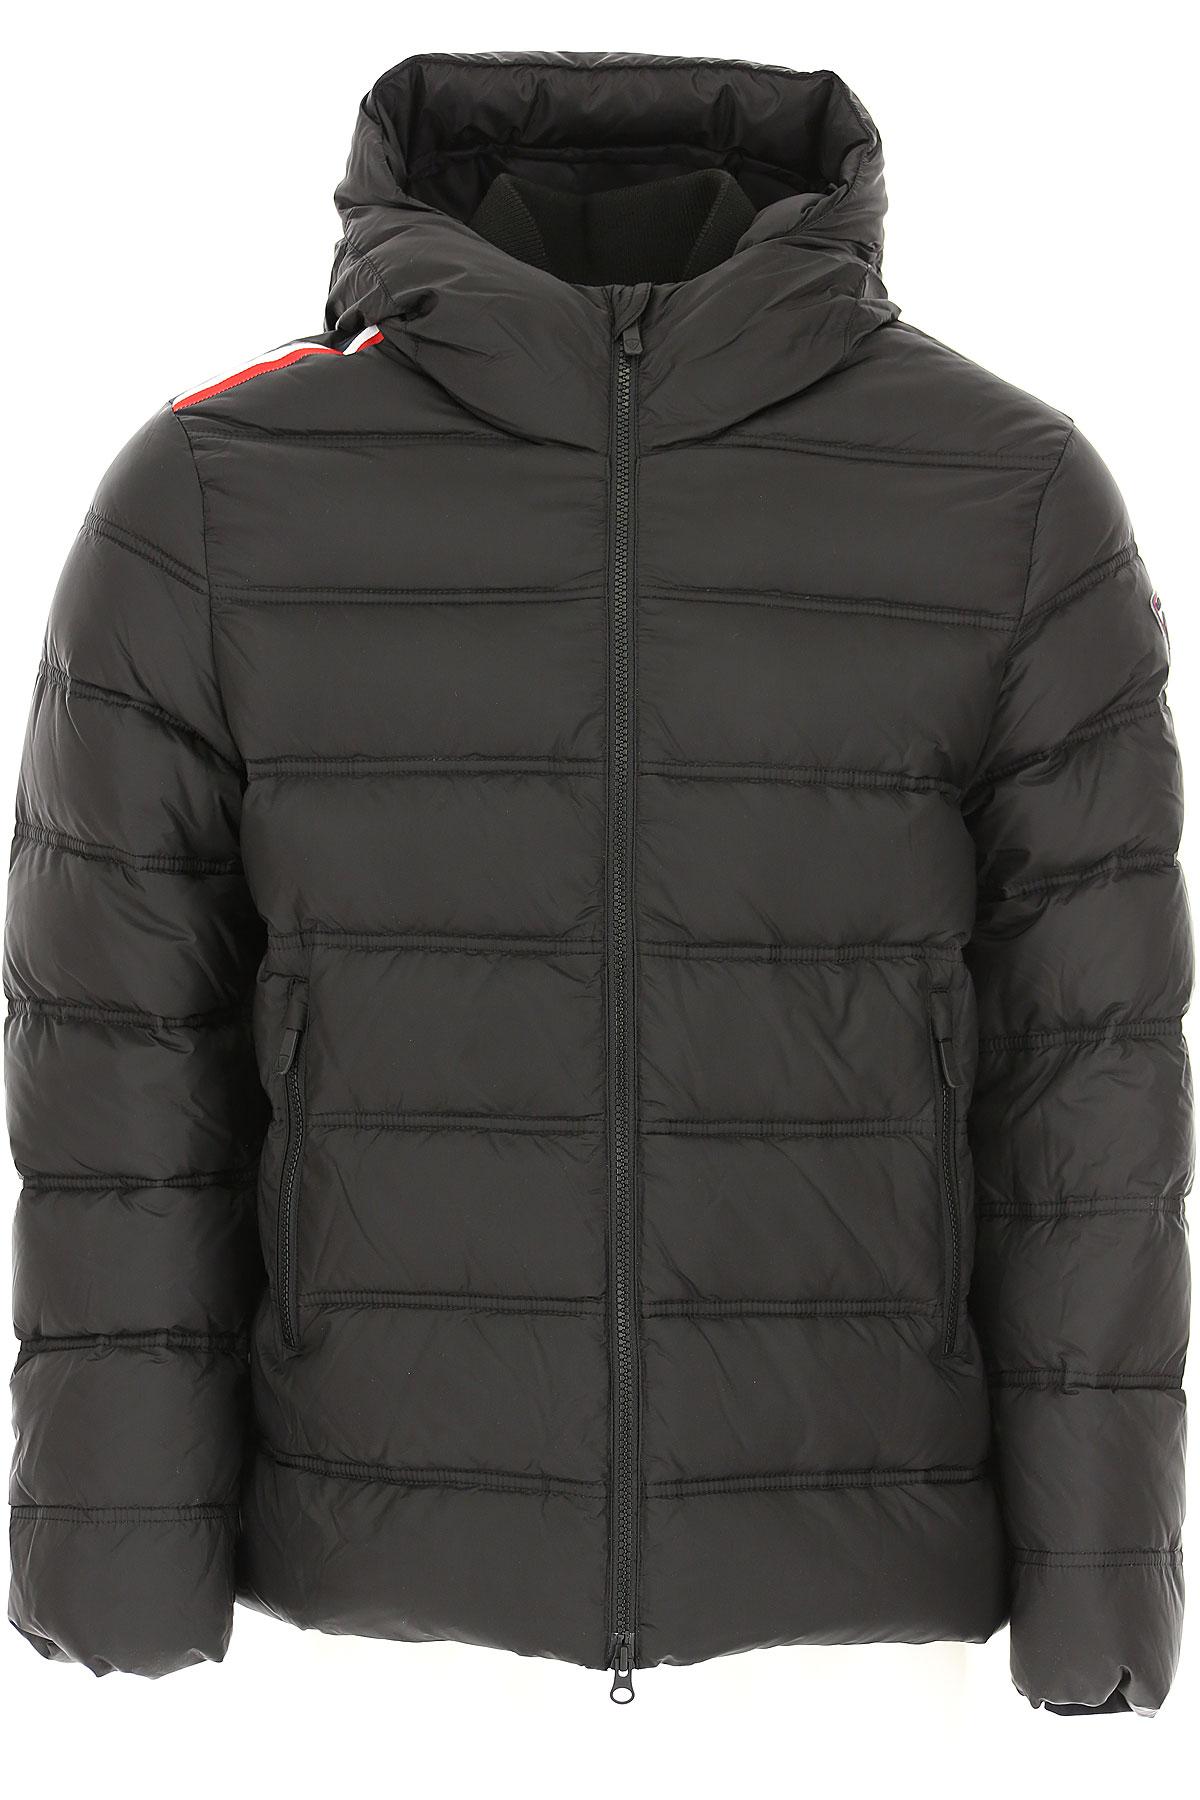 Rossignol Down Jacket for Men, Puffer Ski Jacket On Sale, Black, polyamide, 2019, L XL